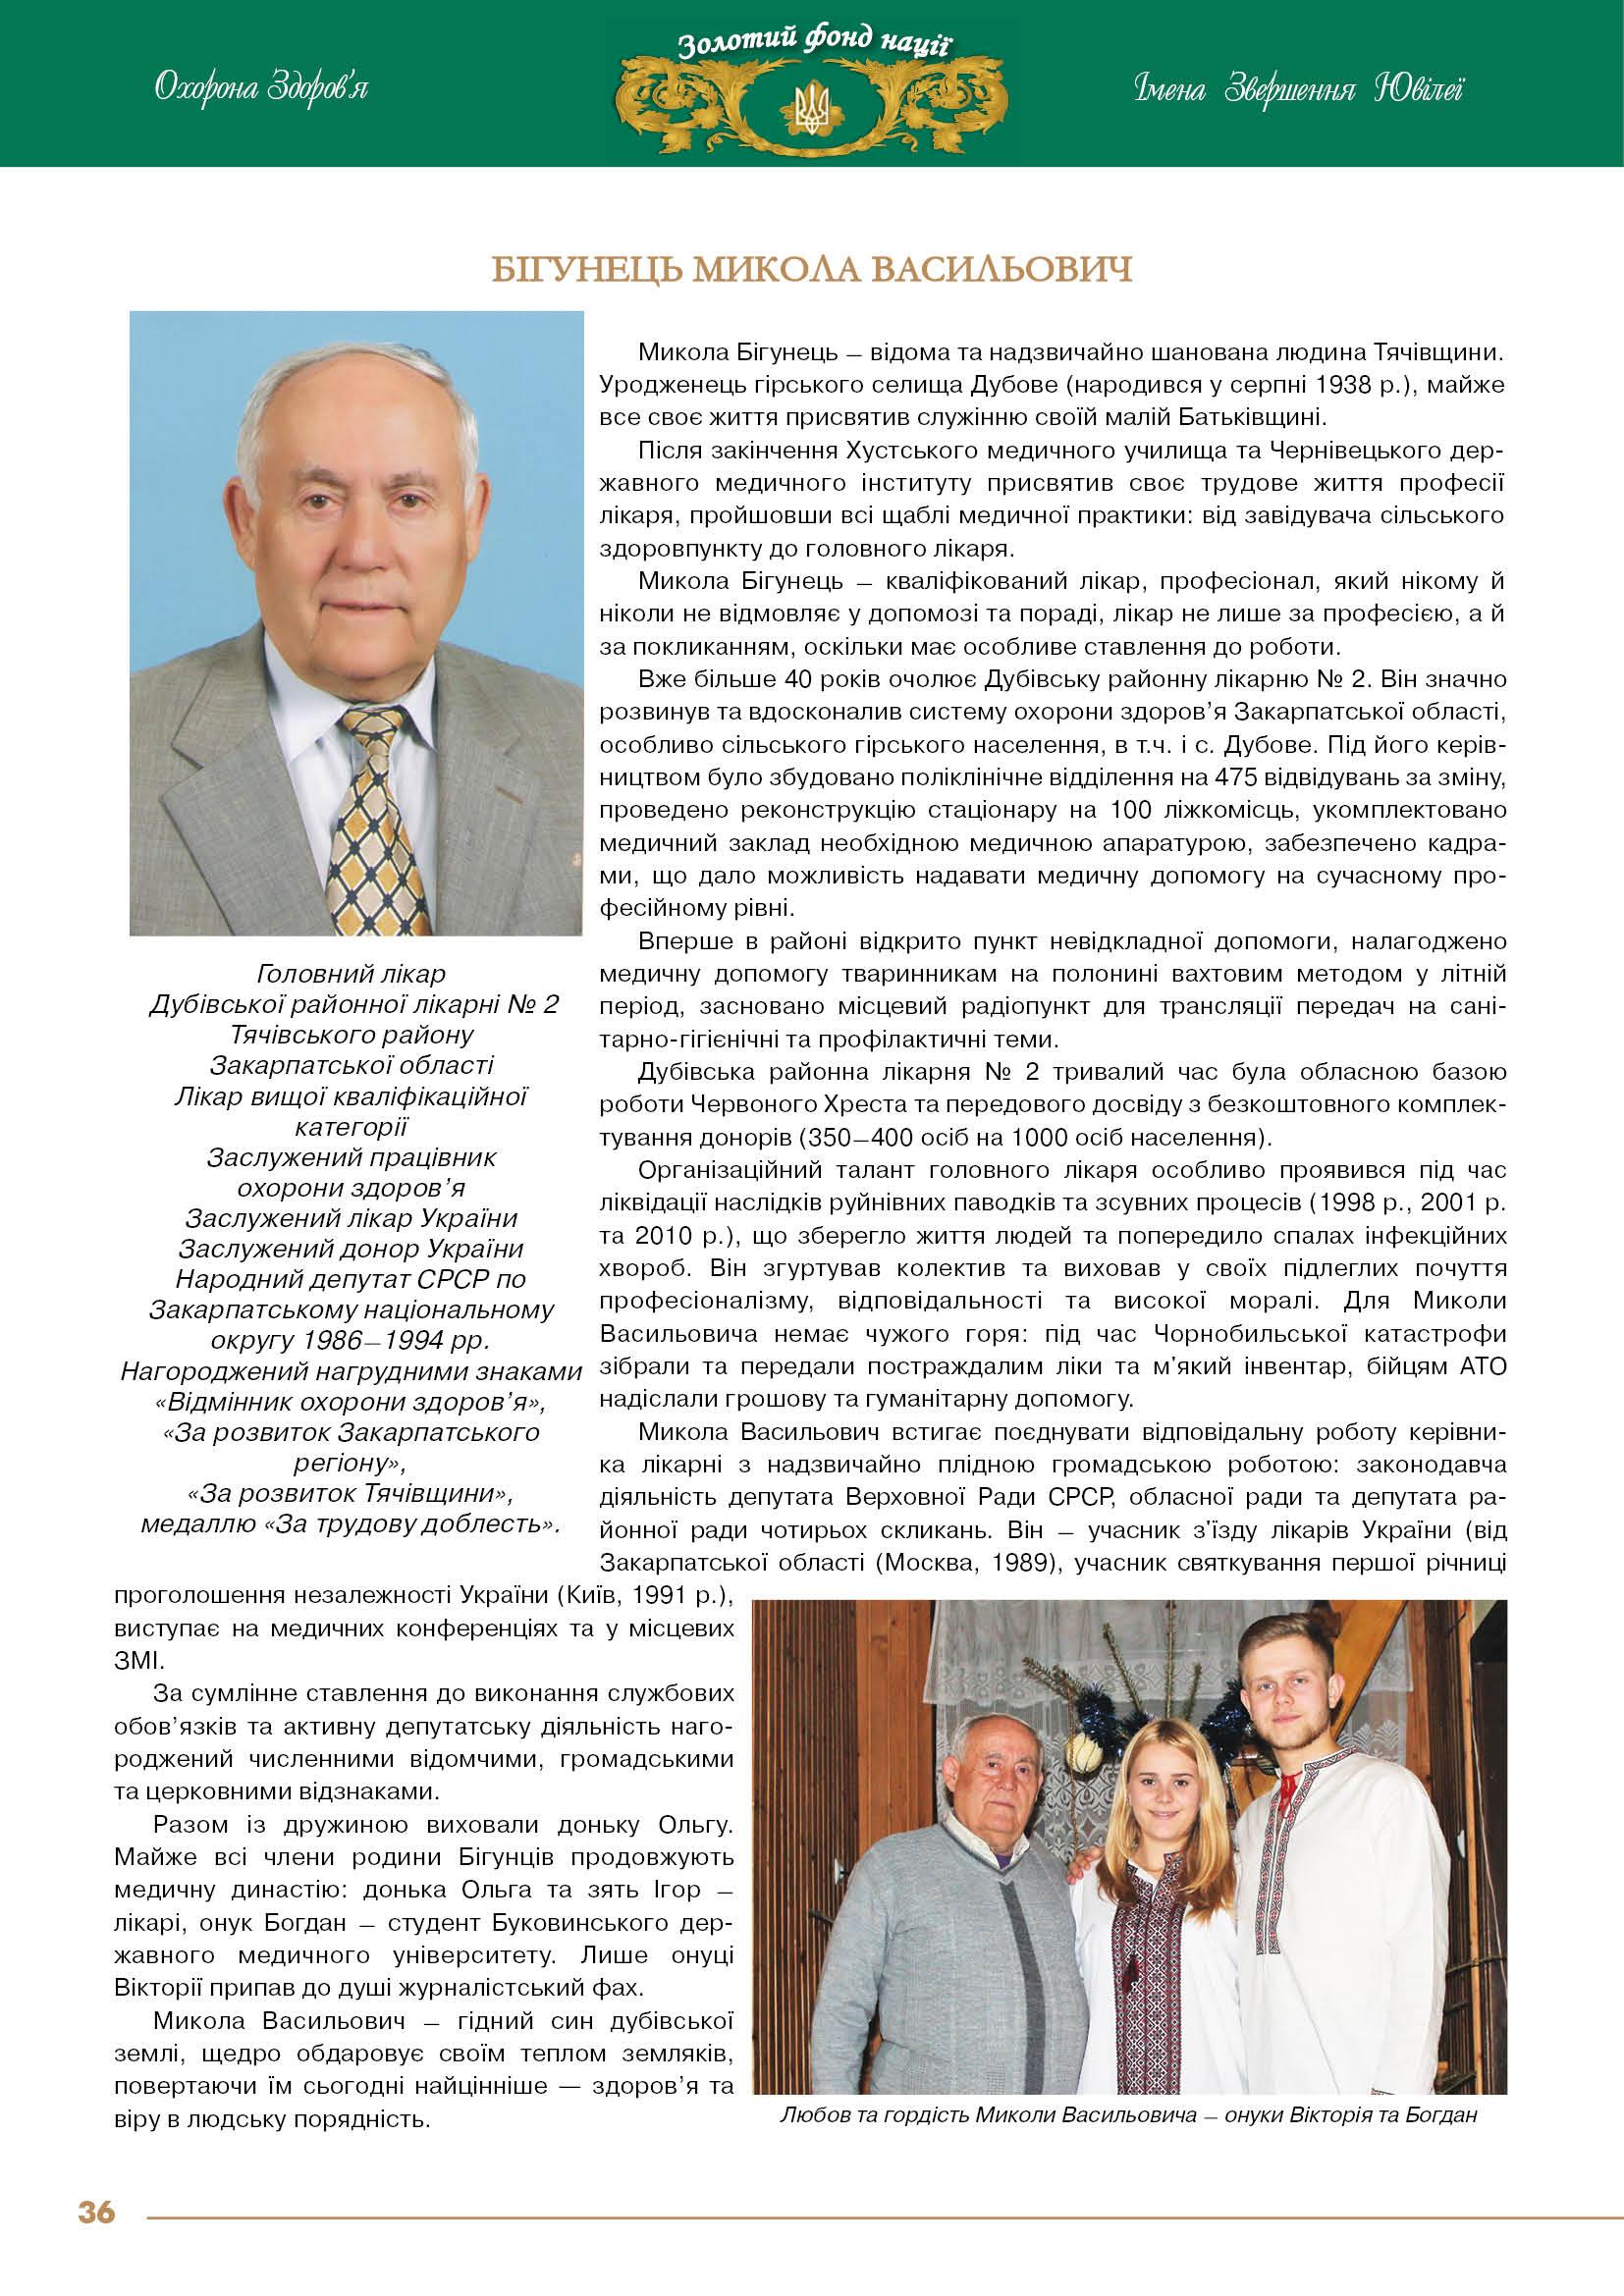 Бігунець Микола Васильович